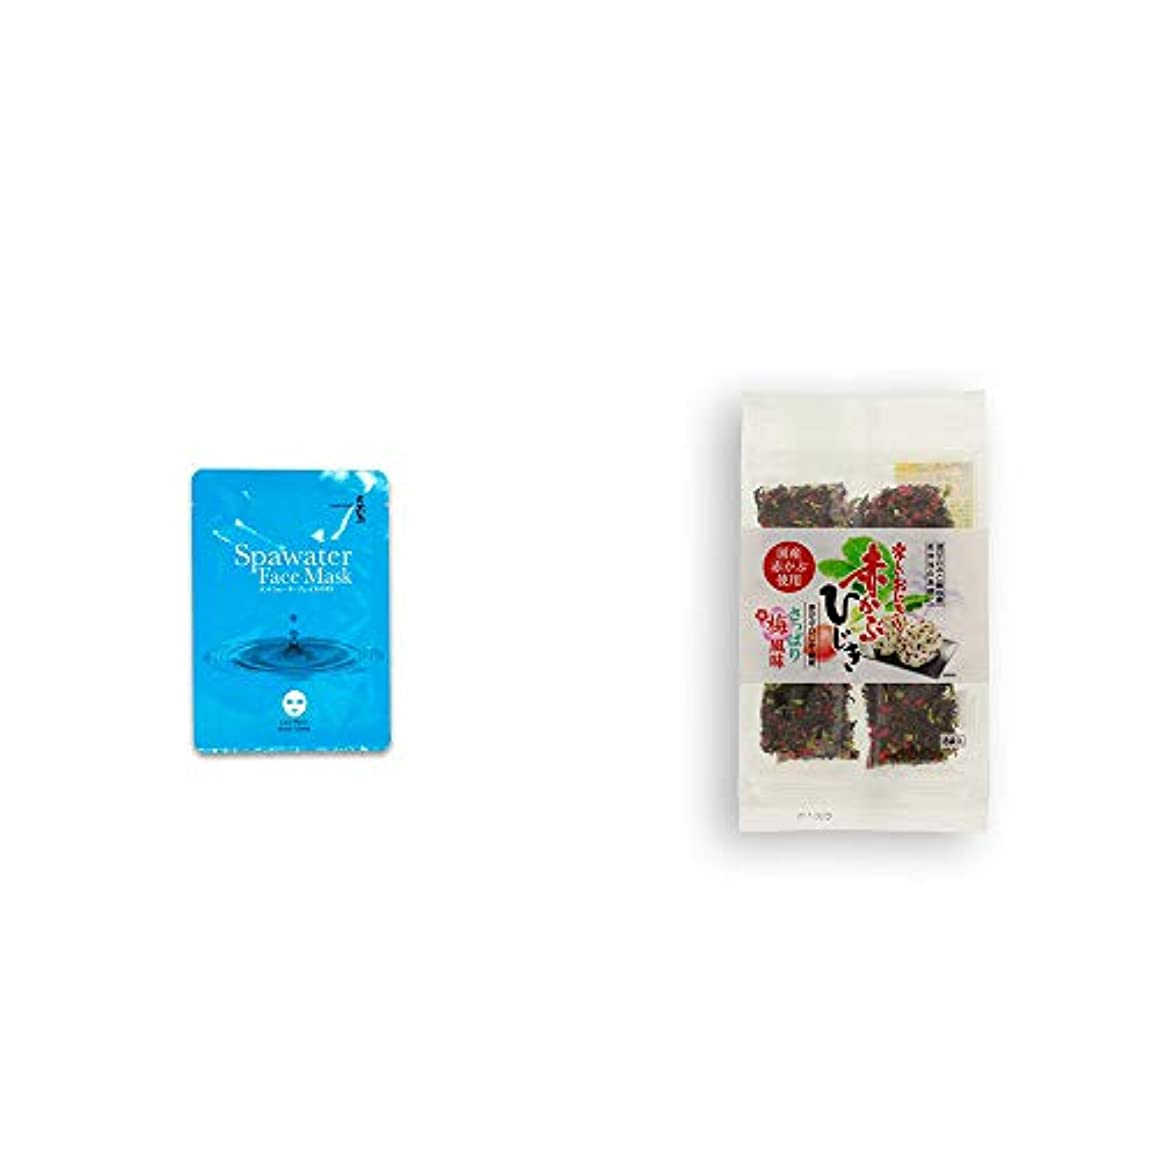 暗黙プレゼンターささいな[2点セット] ひのき炭黒泉 スパウォーターフェイスマスク(18ml×3枚入)?楽しいおにぎり 赤かぶひじき(8g×8袋)